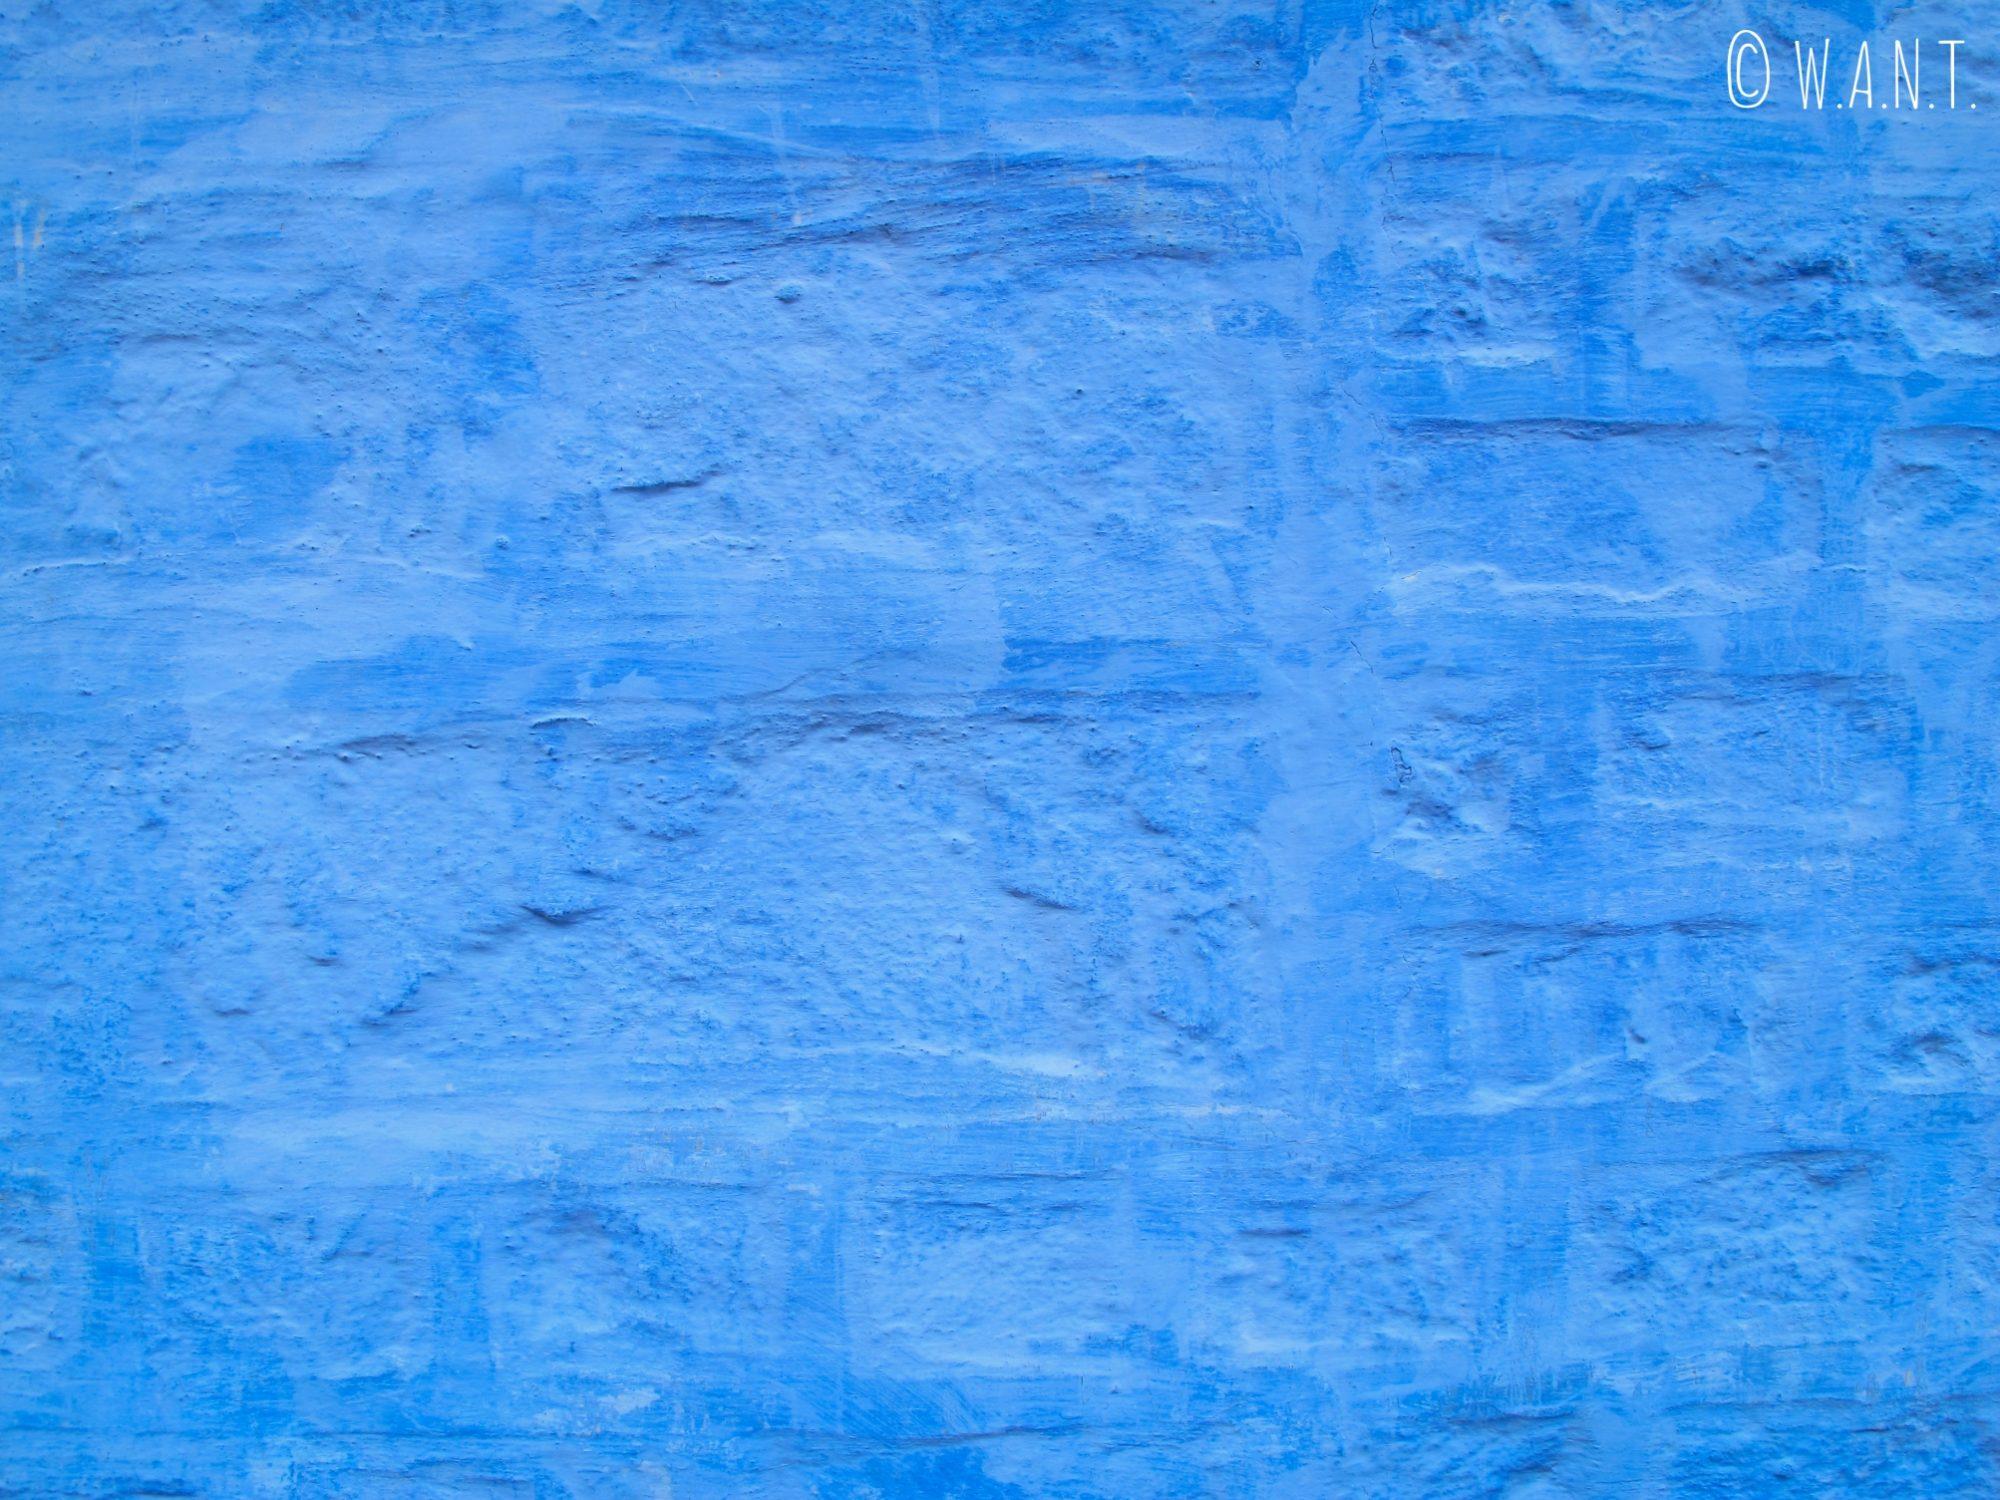 Façade bleue des maisons de Jodhpur, appelée aussi la cité bleue